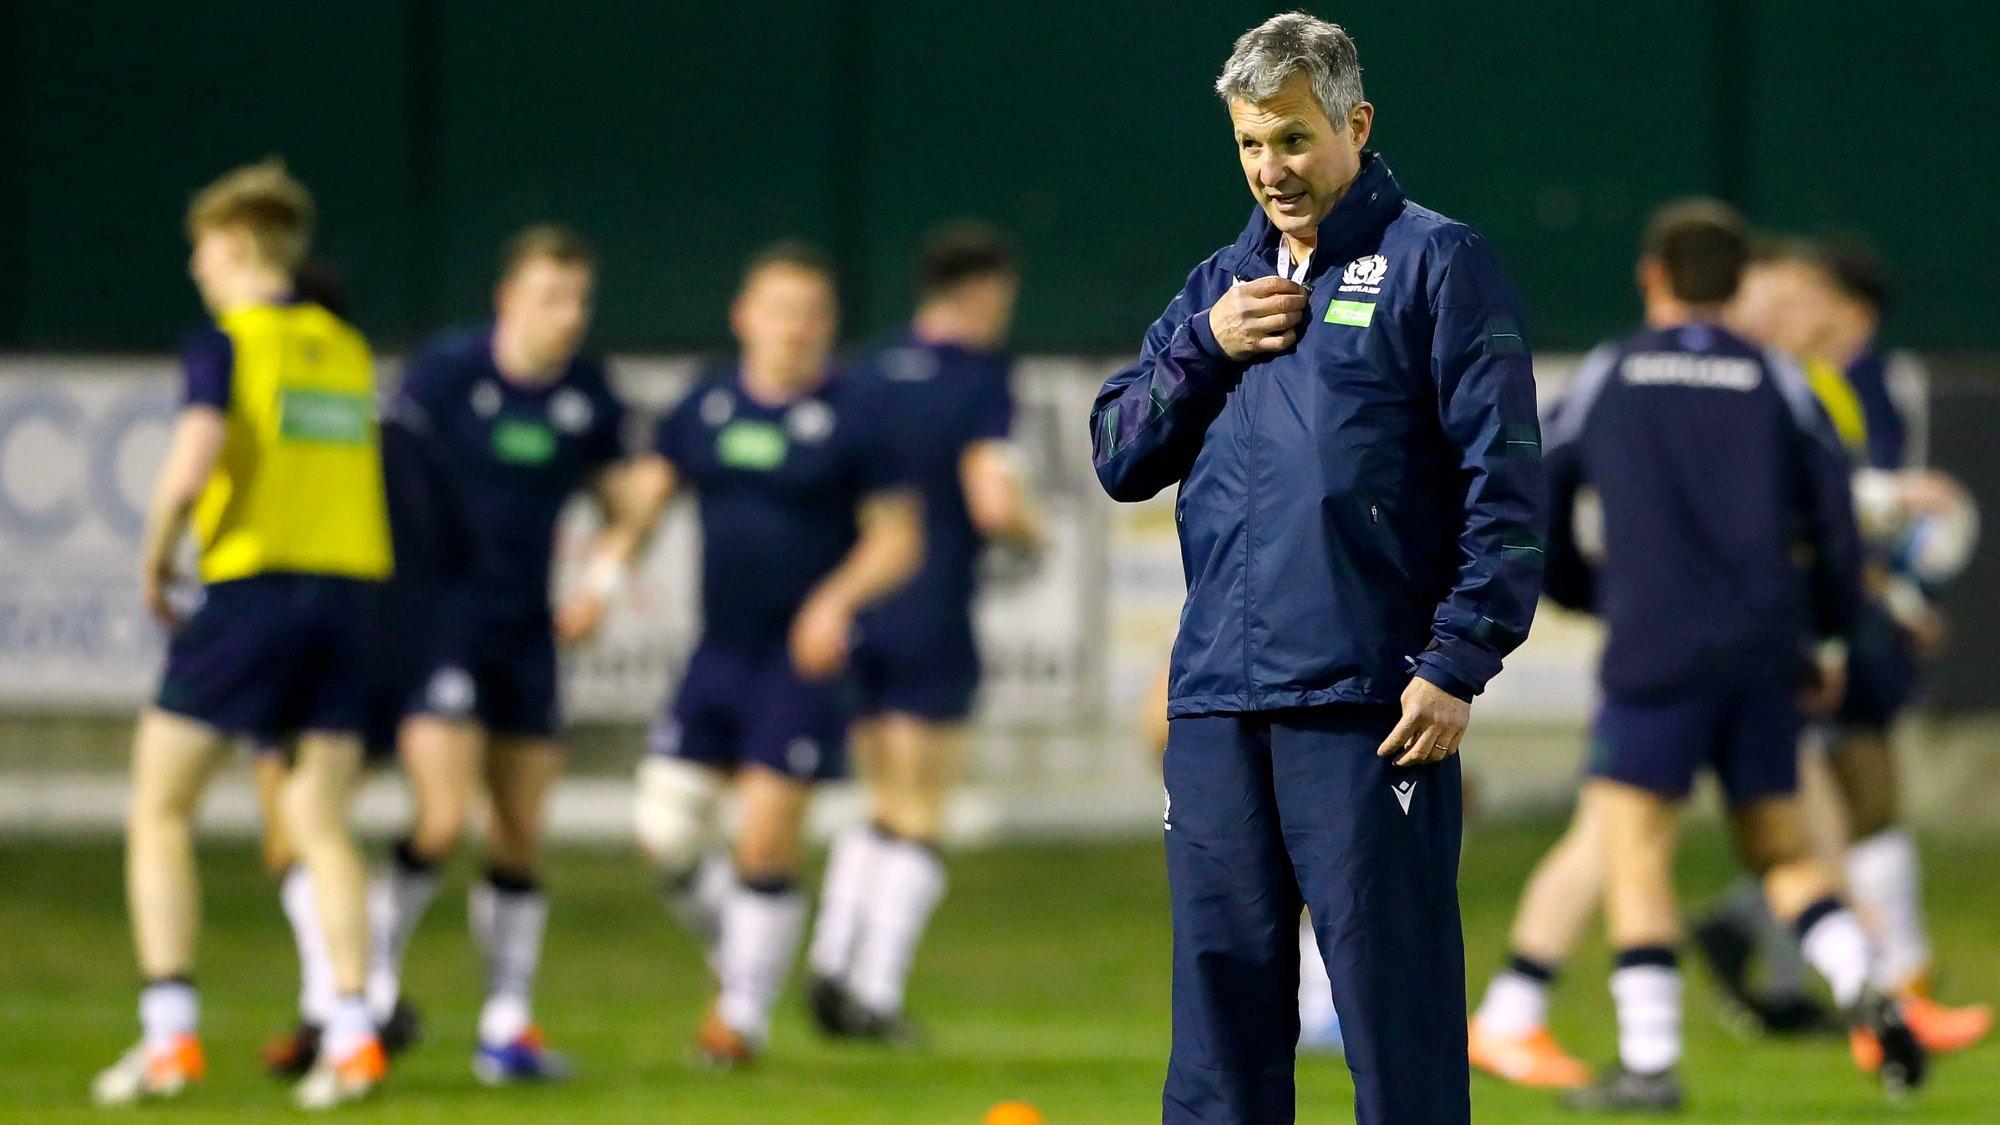 Scotland Under-20s coach Sean Lineen